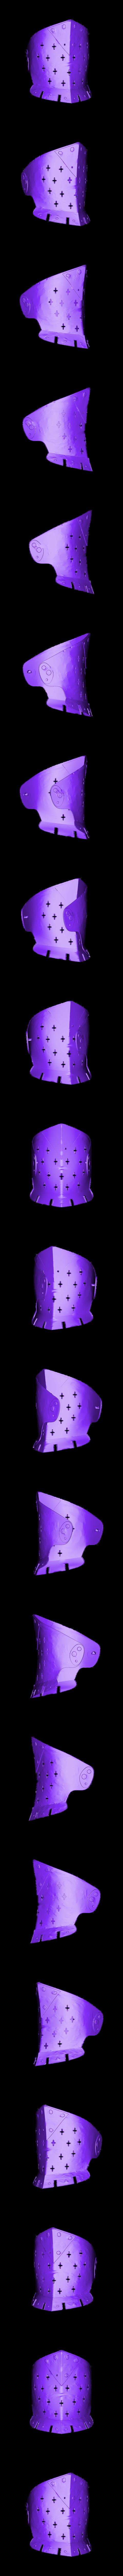 Helm_Mask_Damage_v1.stl Télécharger fichier STL gratuit Pour Honor Lawbringer Helm - Chevalier • Objet à imprimer en 3D, VillainousPropShop